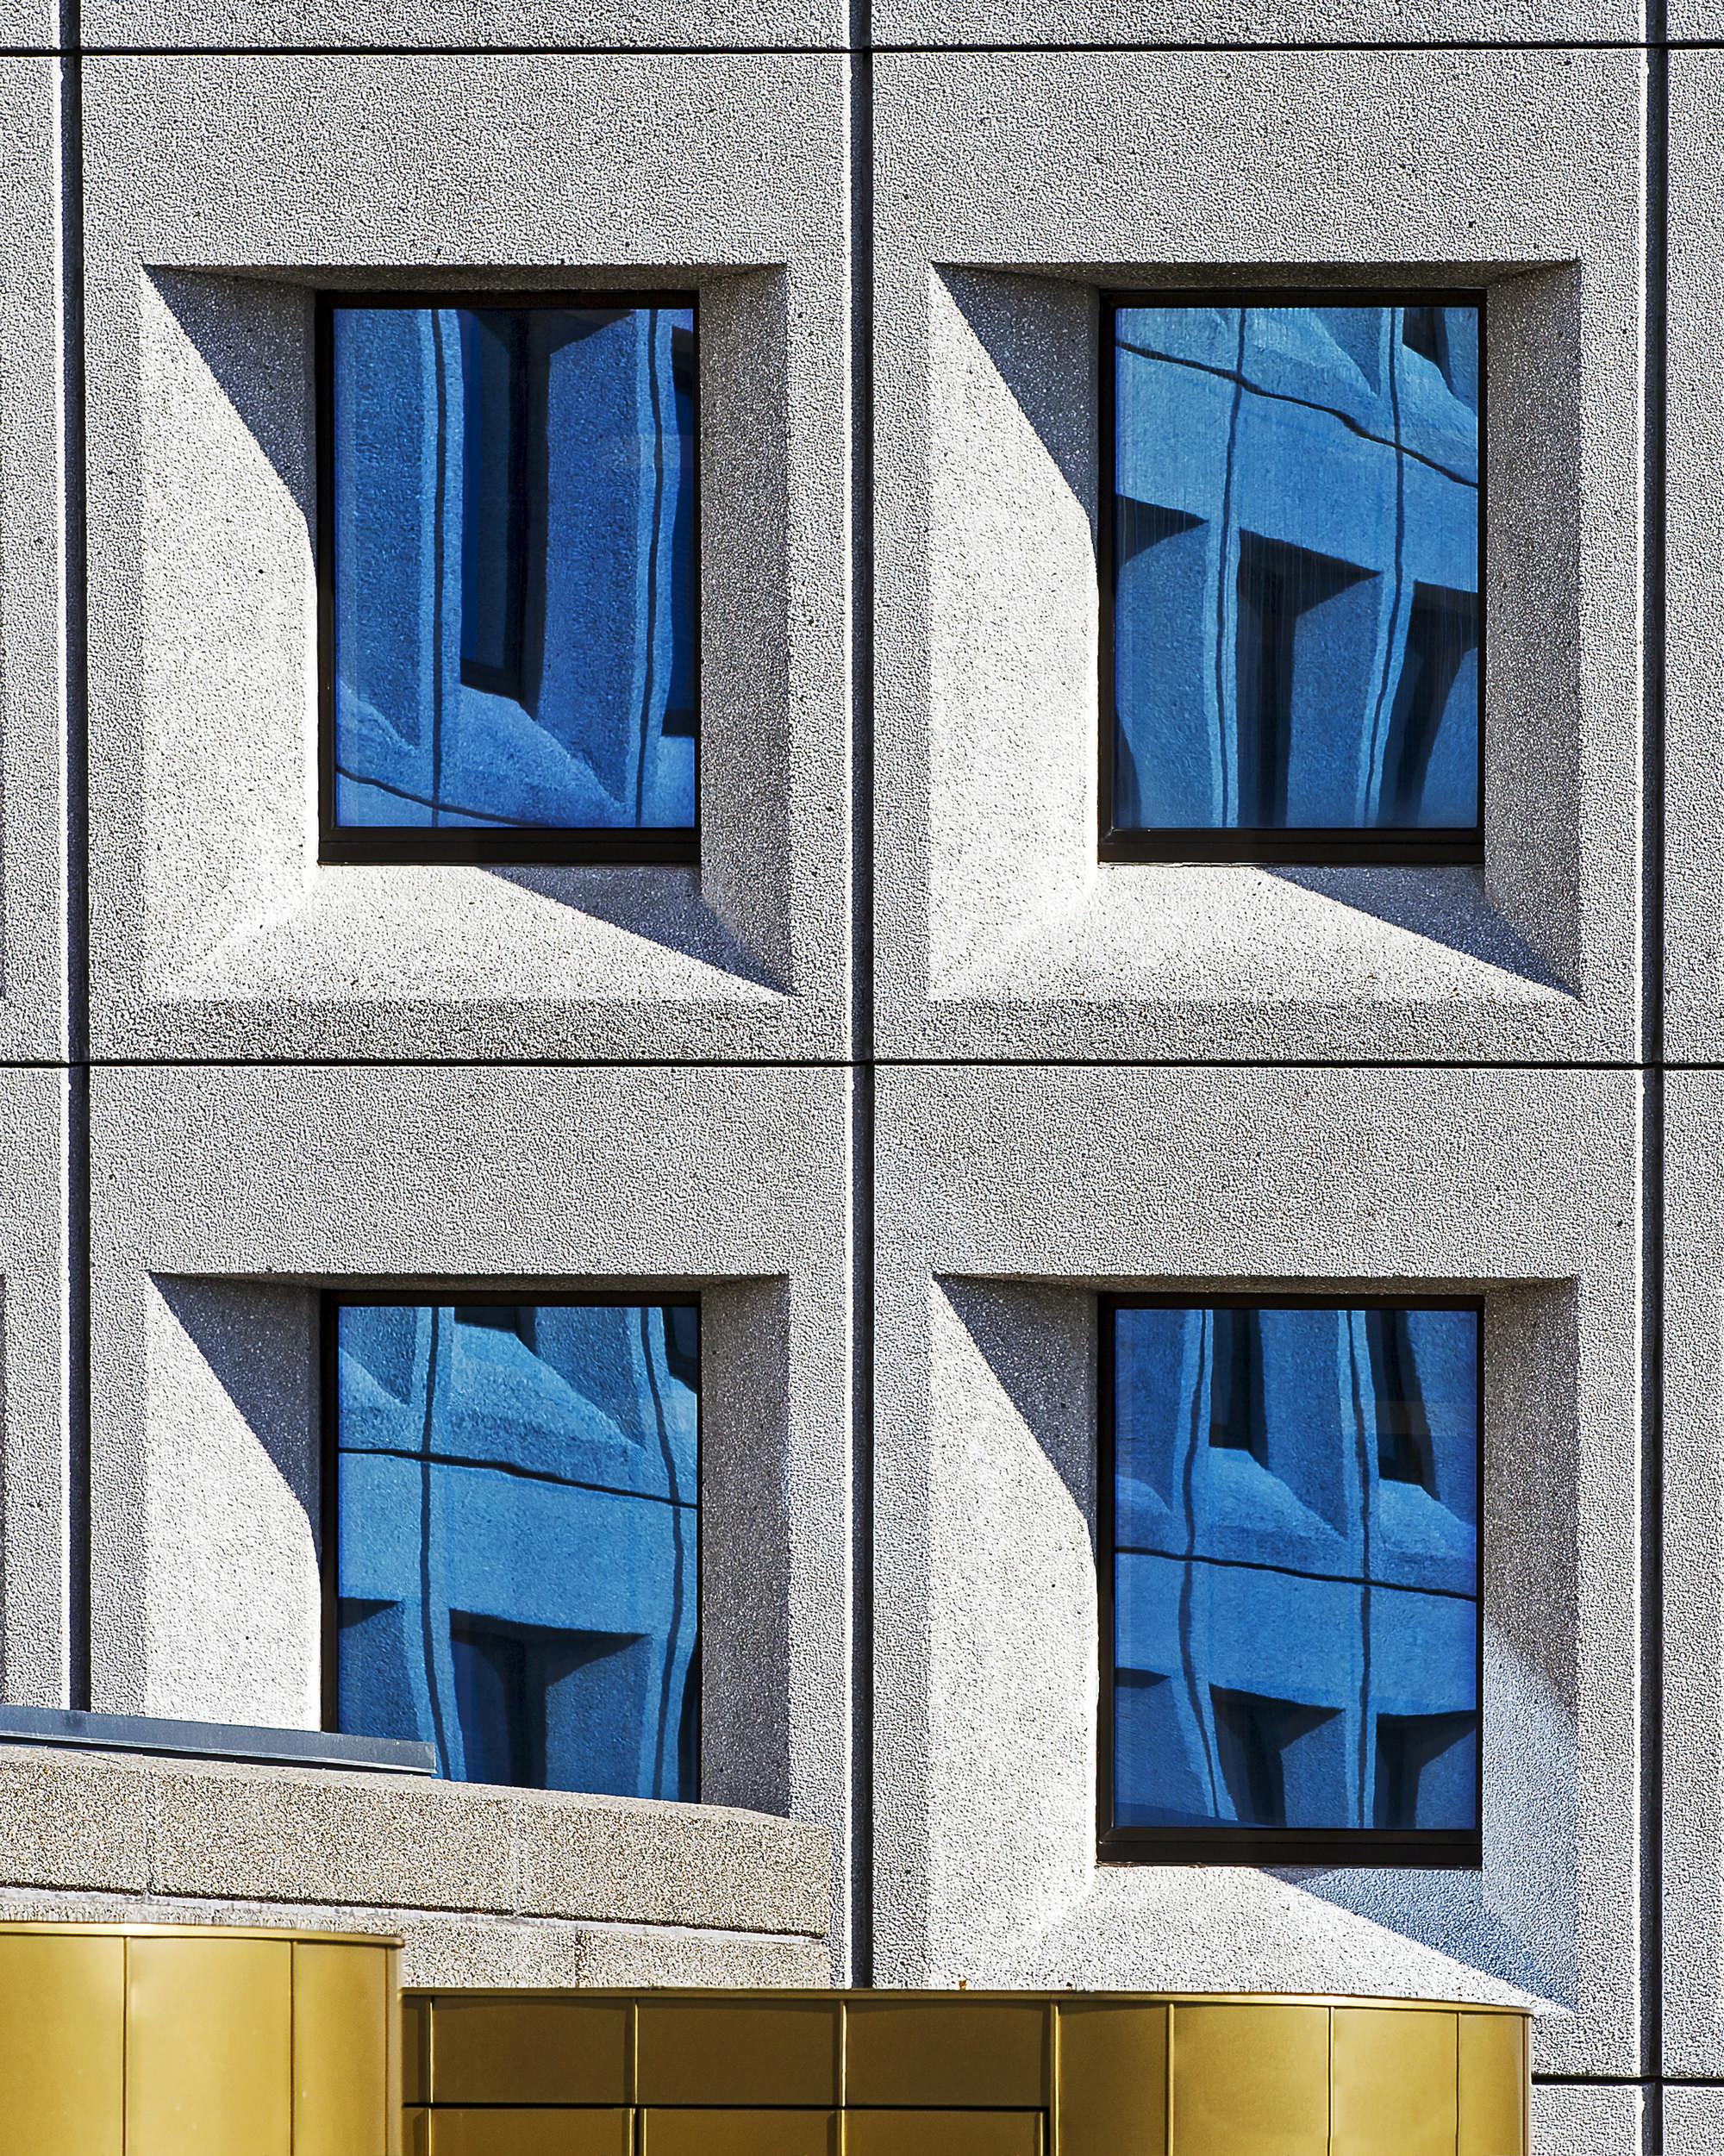 Maersk Building, Copenhagen